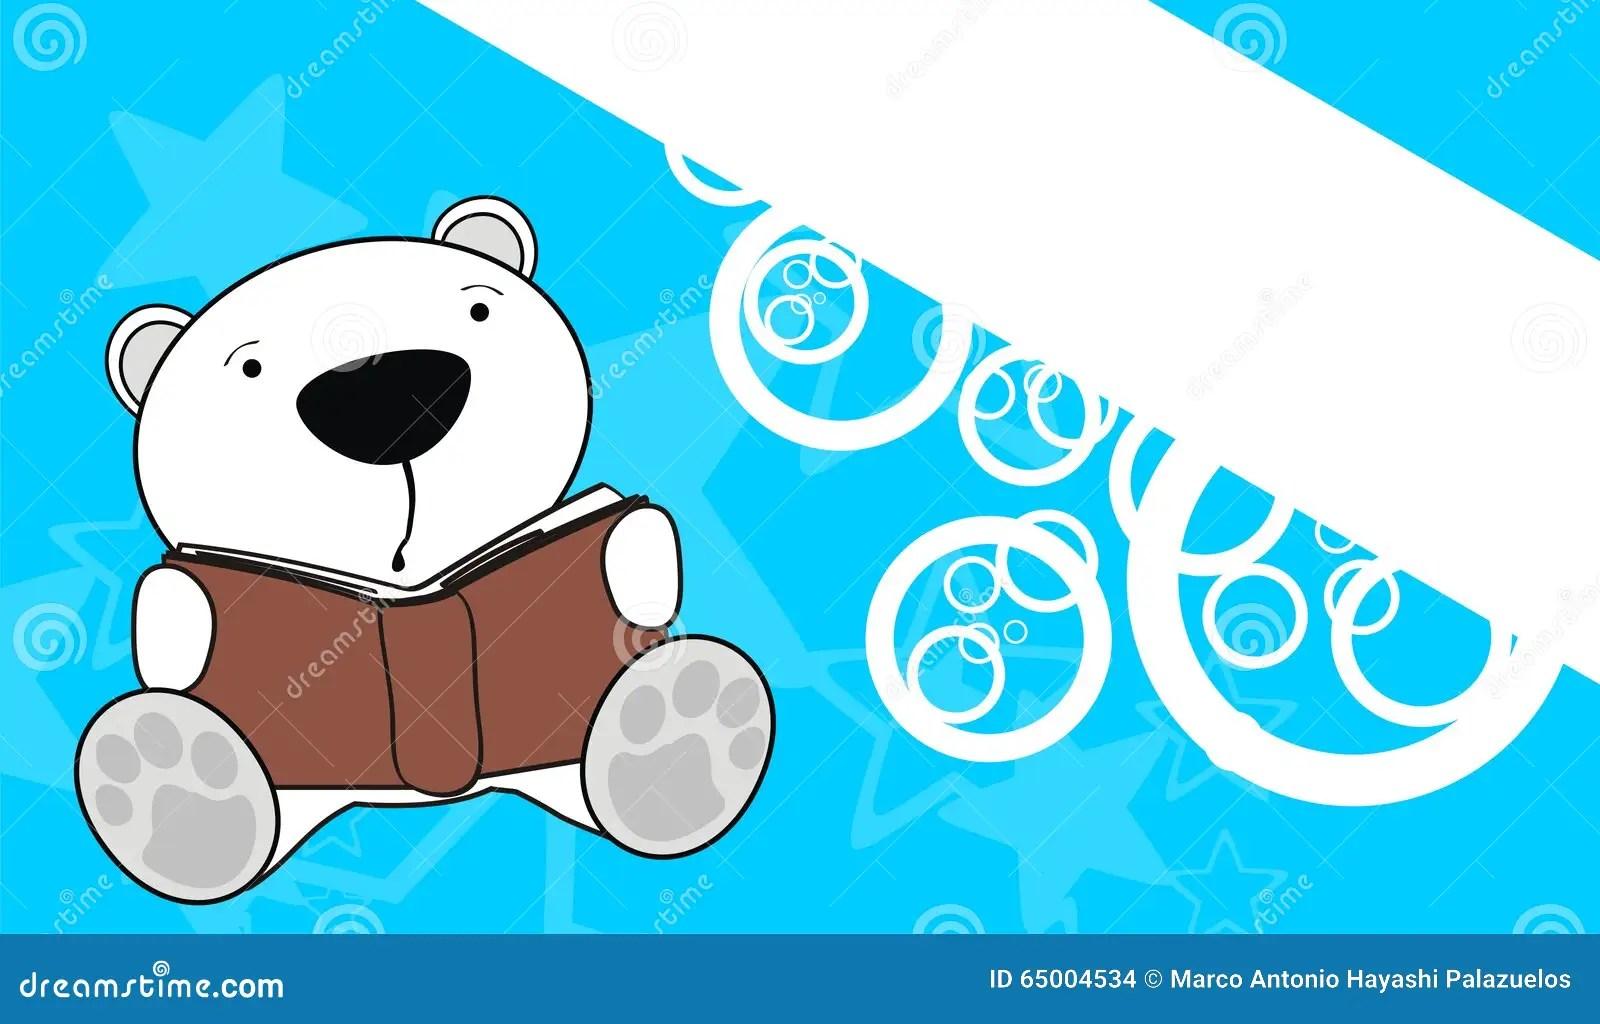 Cute Baby Teddy Polar Bear Reading Cartoon Background